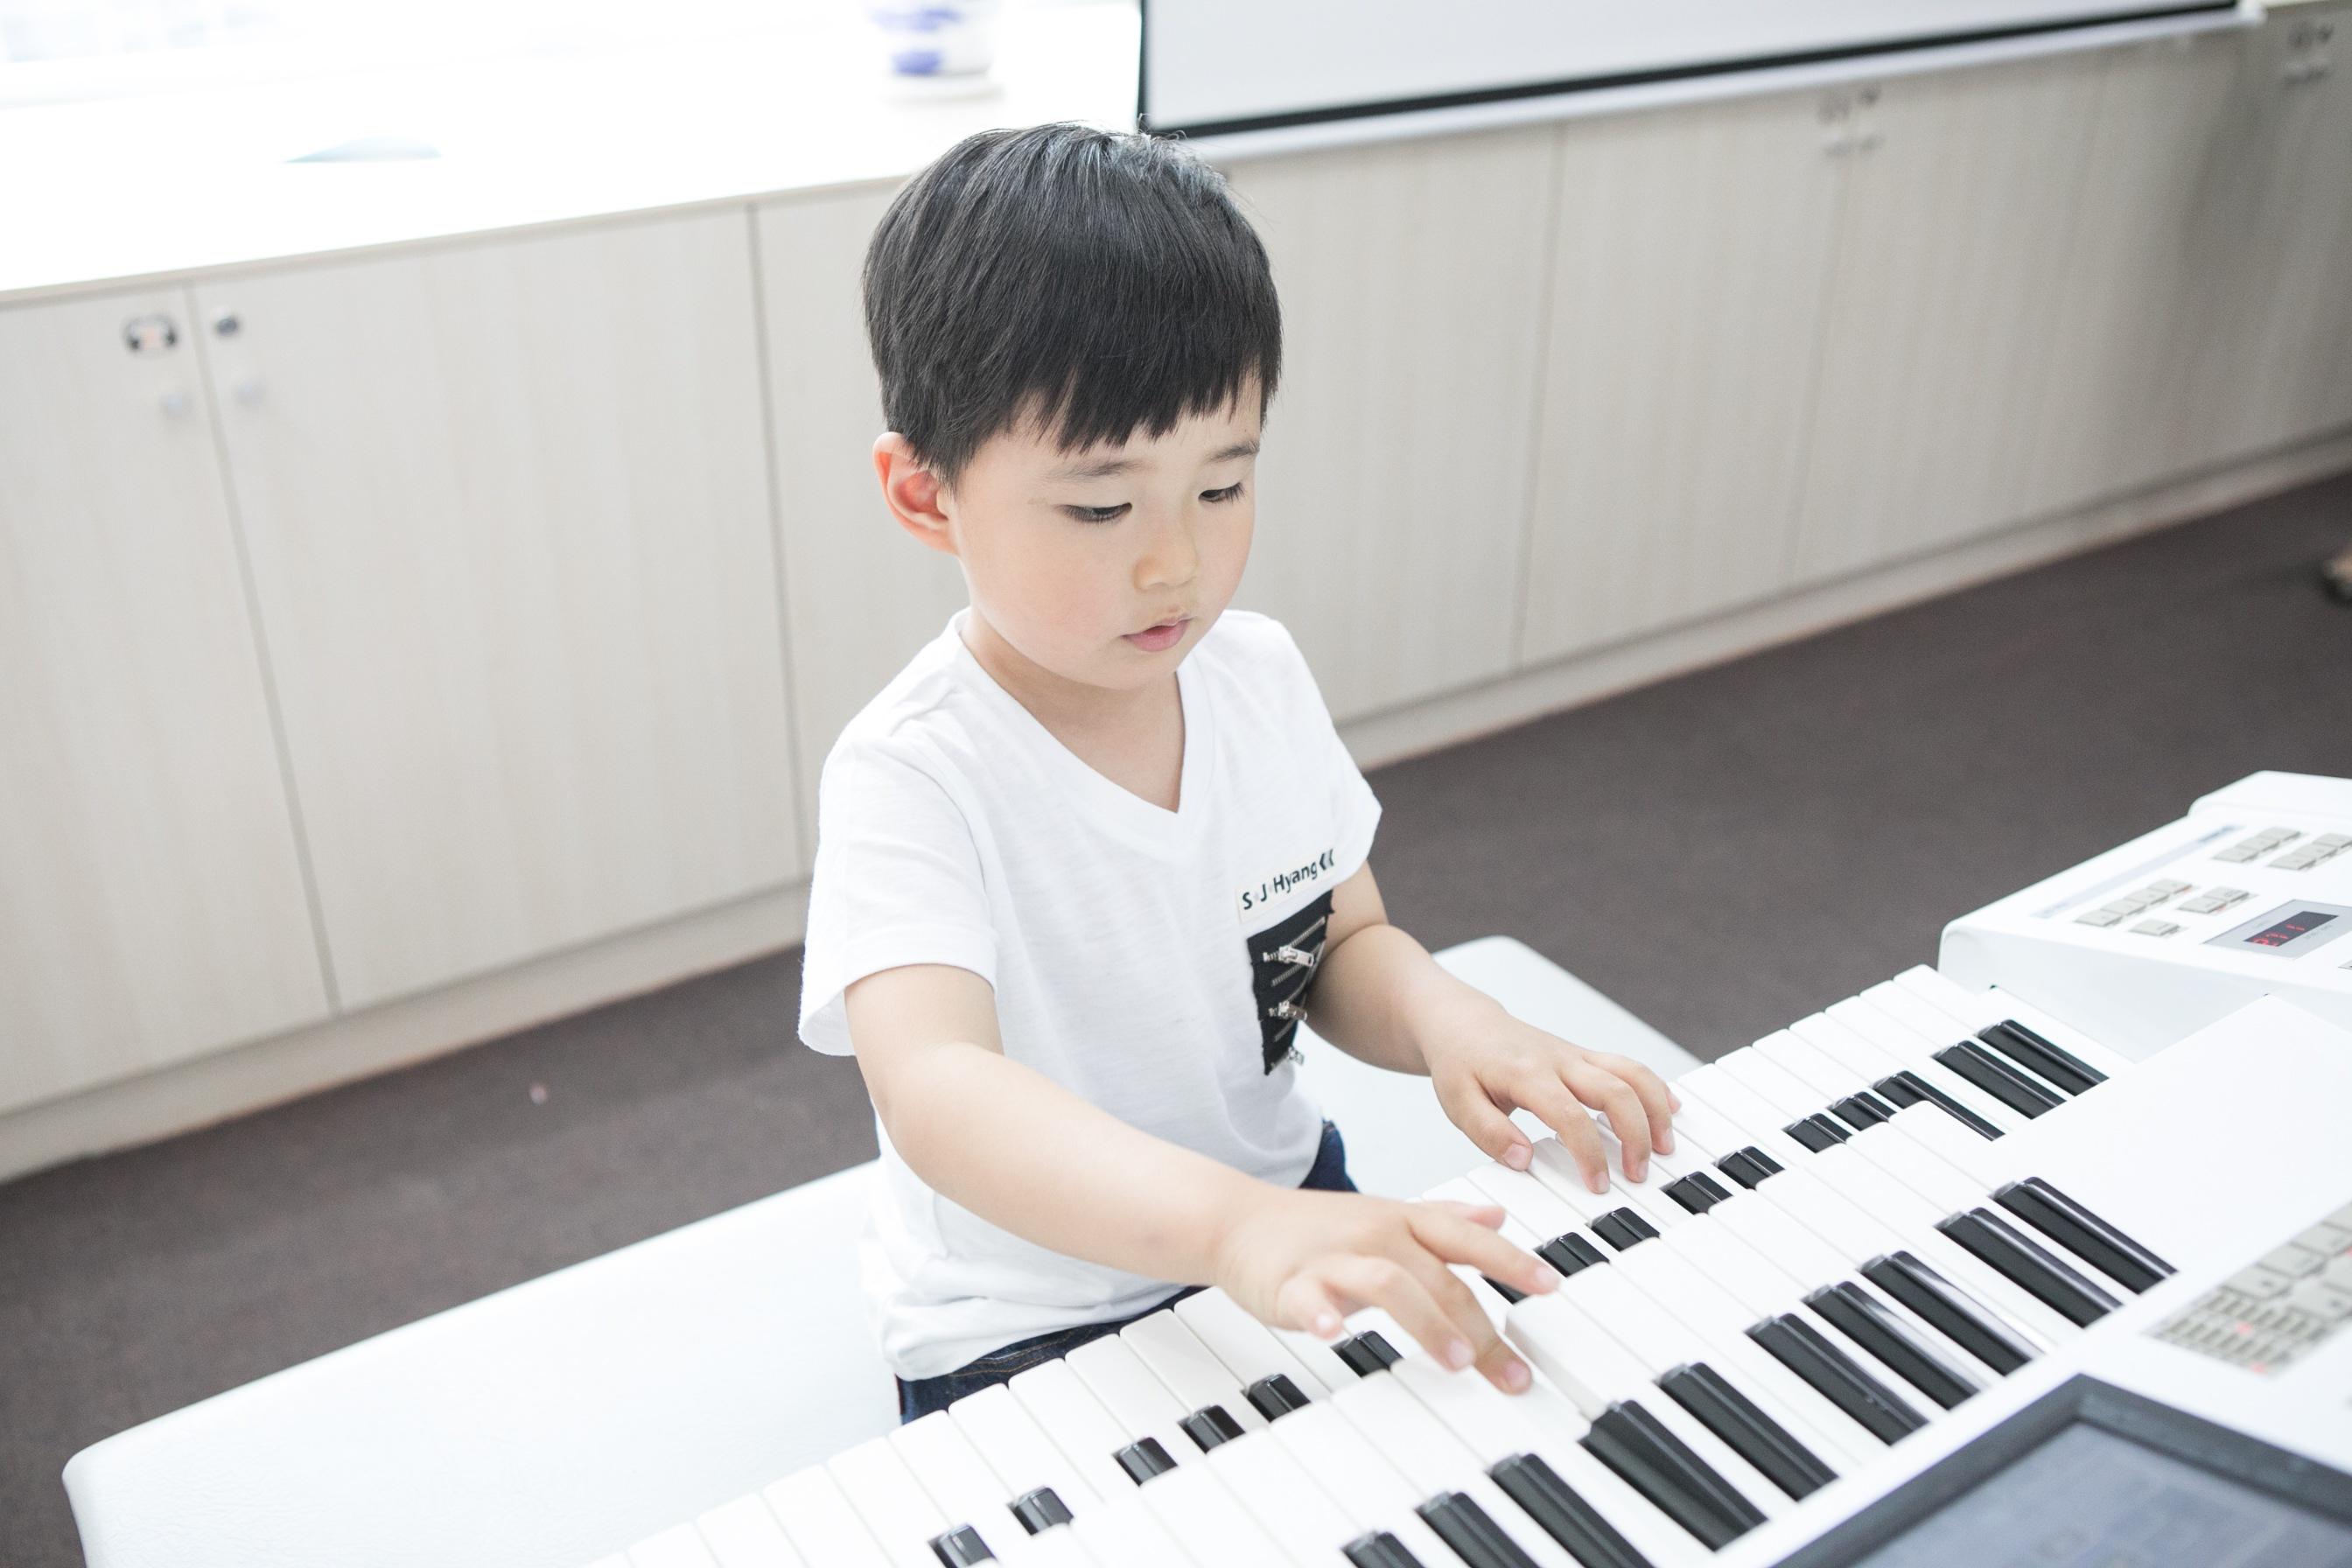 学双排键和学其他乐器的孩子有什么差别?